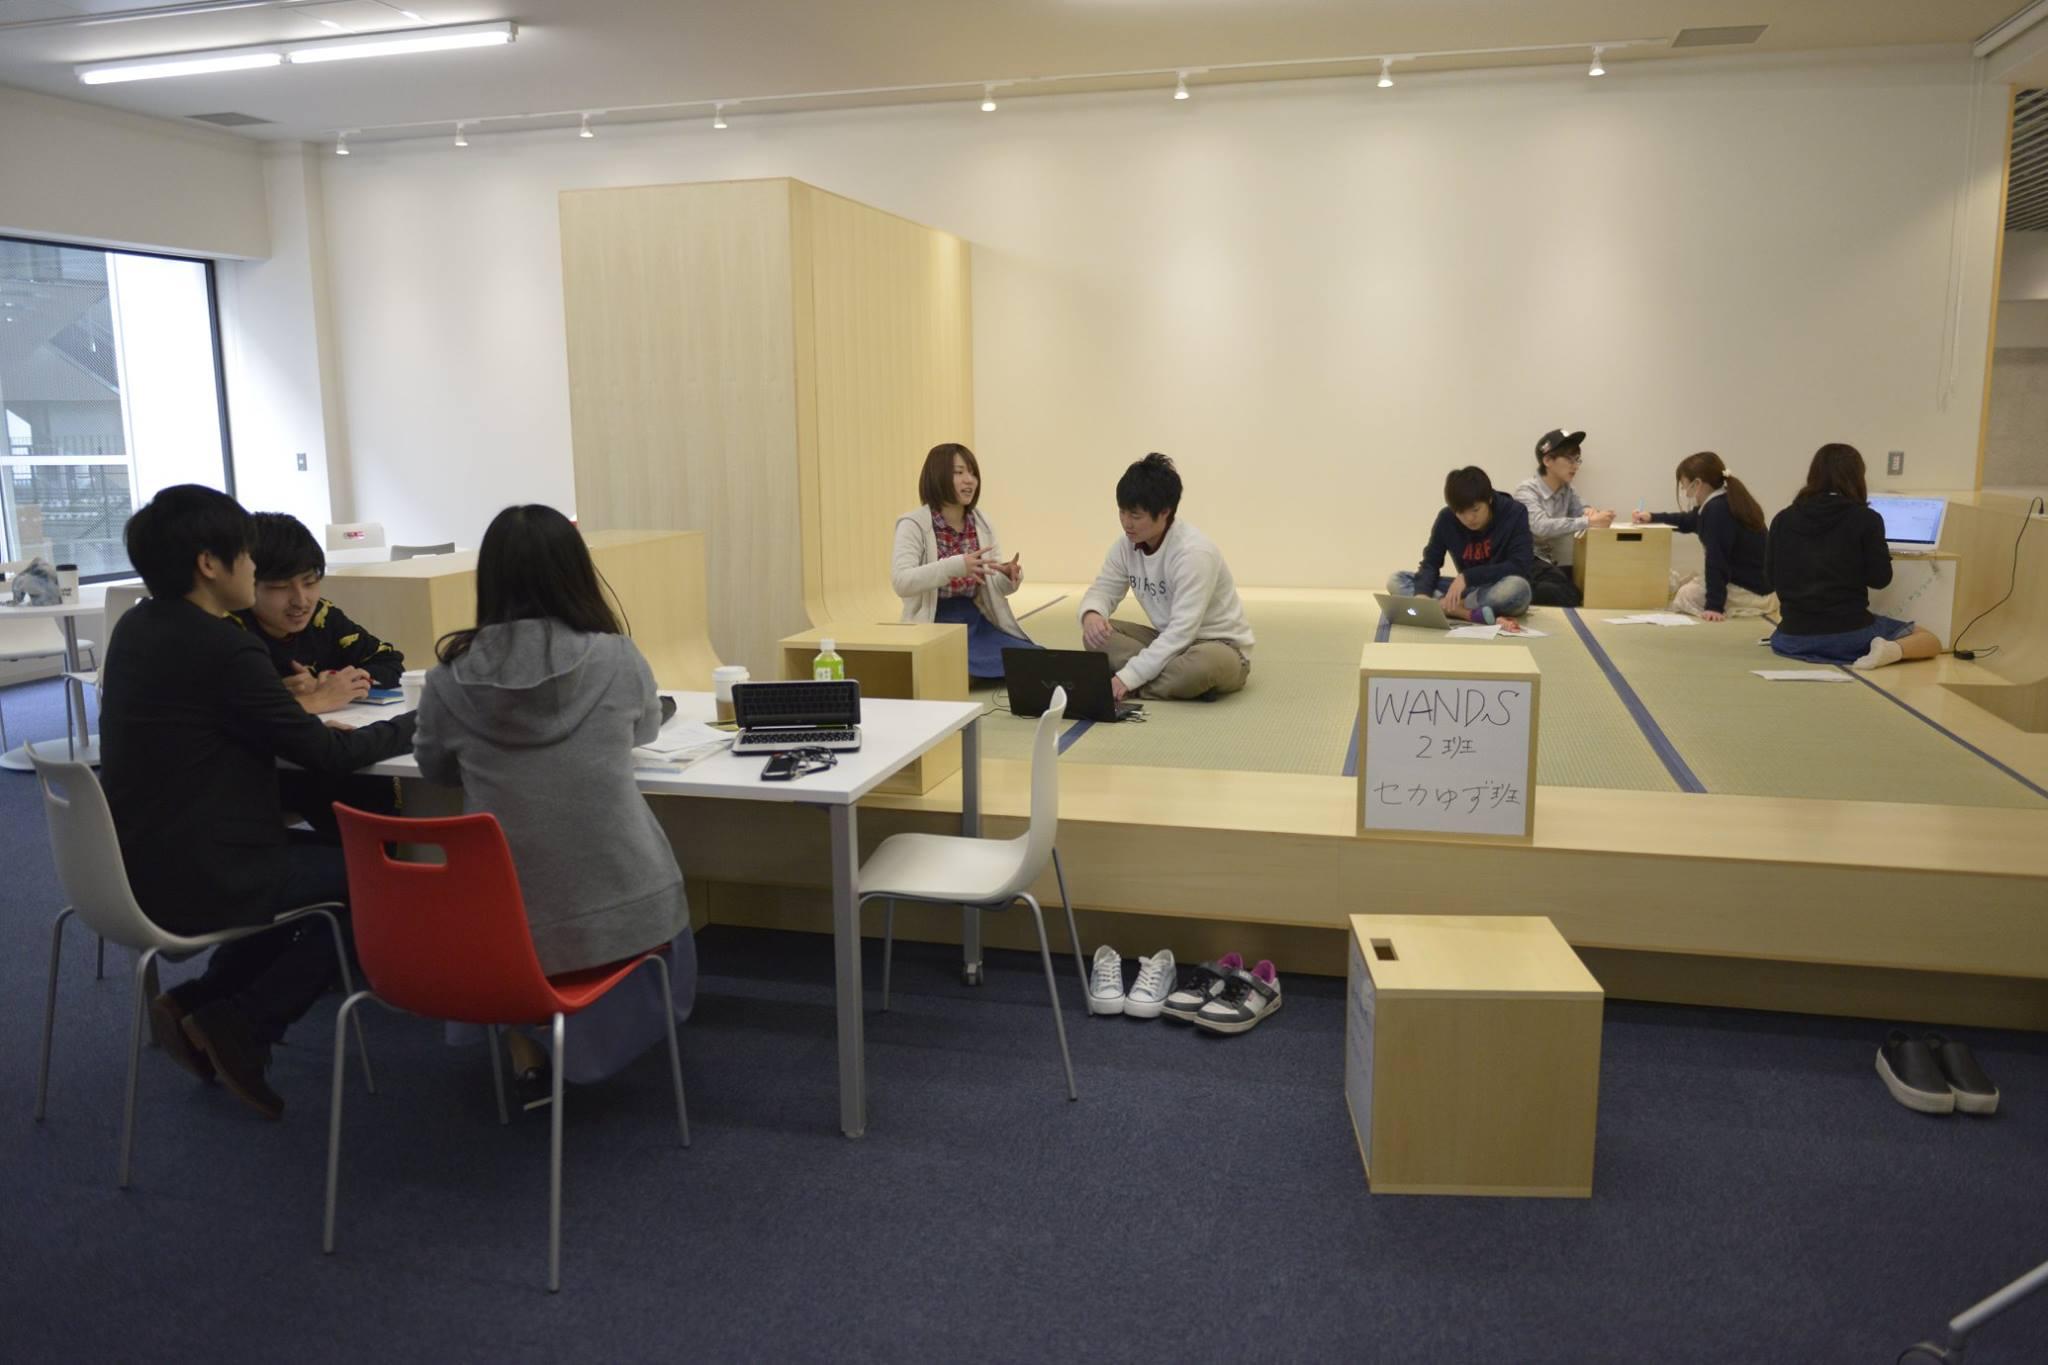 【大阪いばらきキャンパス】竣工式・内覧会が行われました!